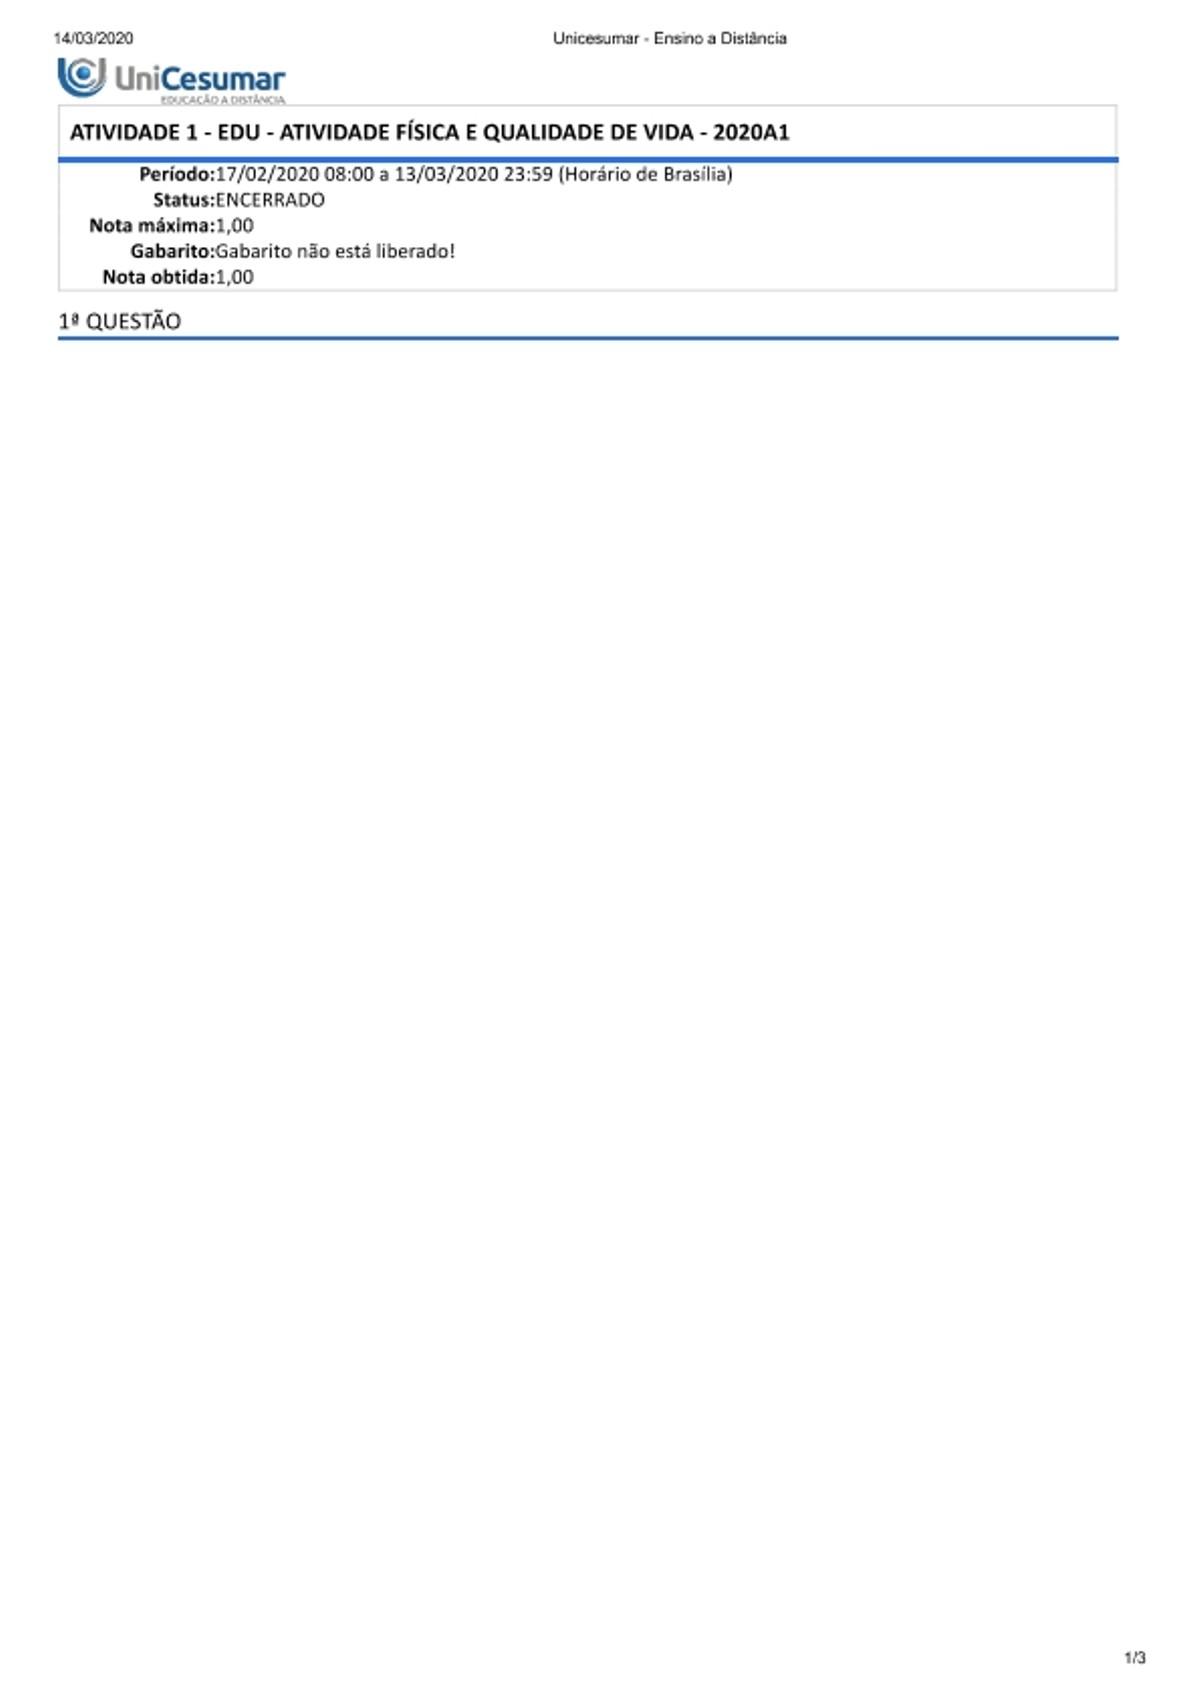 Pre-visualização do material ATIVIDADE 1 - EDU - ATIVIDADE FÍSICA E QUALIDADE DE VIDA - 2020A1 com nota - página 1